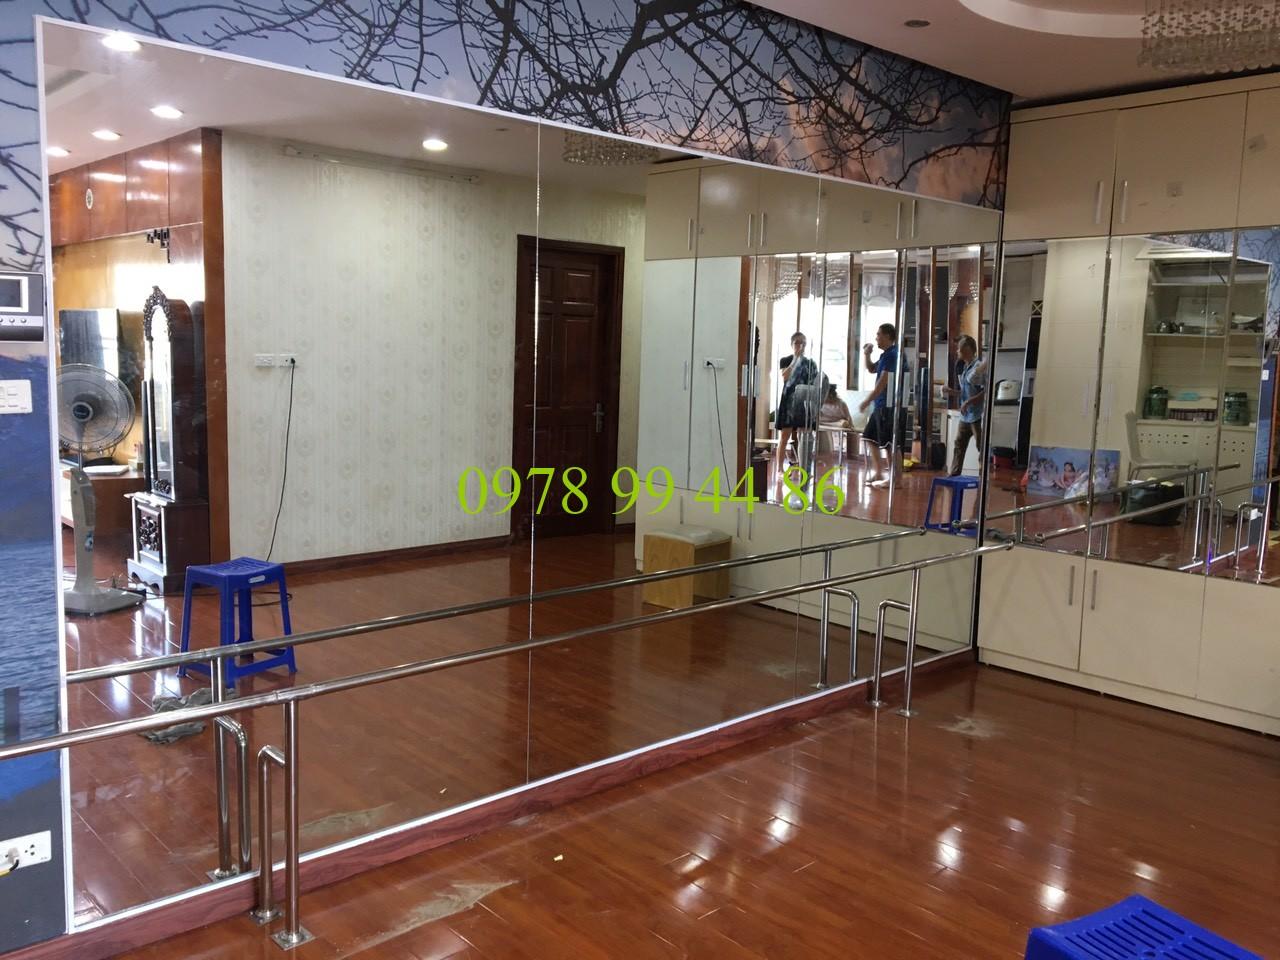 Gương phòng tập 9879 Gương phòng tập và gióng múa inox song hành cùng nhau tạo nên 1 phòng tập đẹp và hiện đại